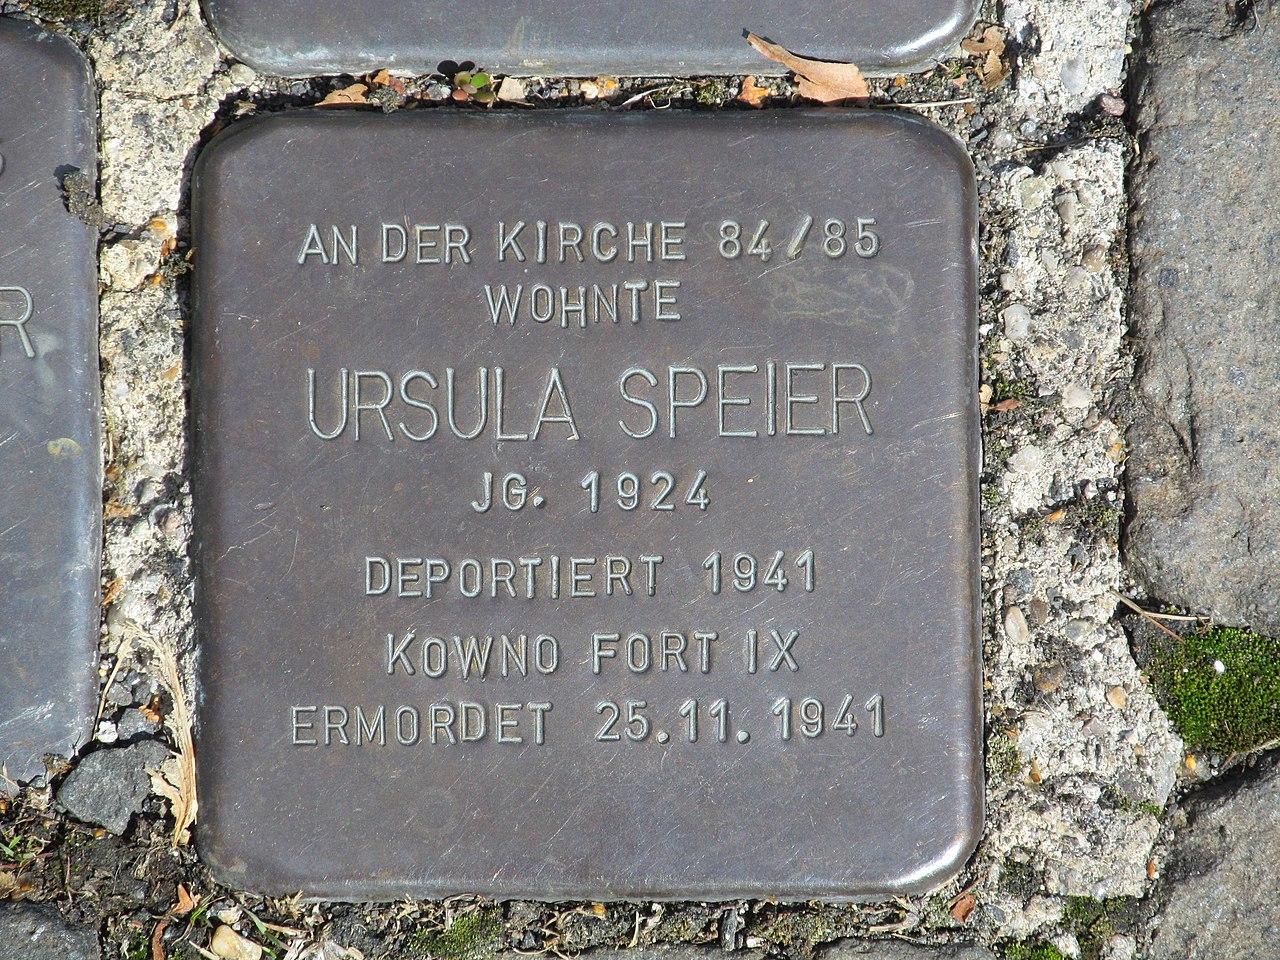 Stolperstein Ursula Speier, 1, Bahnhofstraße 110, Borken, Schwalm-Eder-Kreis.jpg